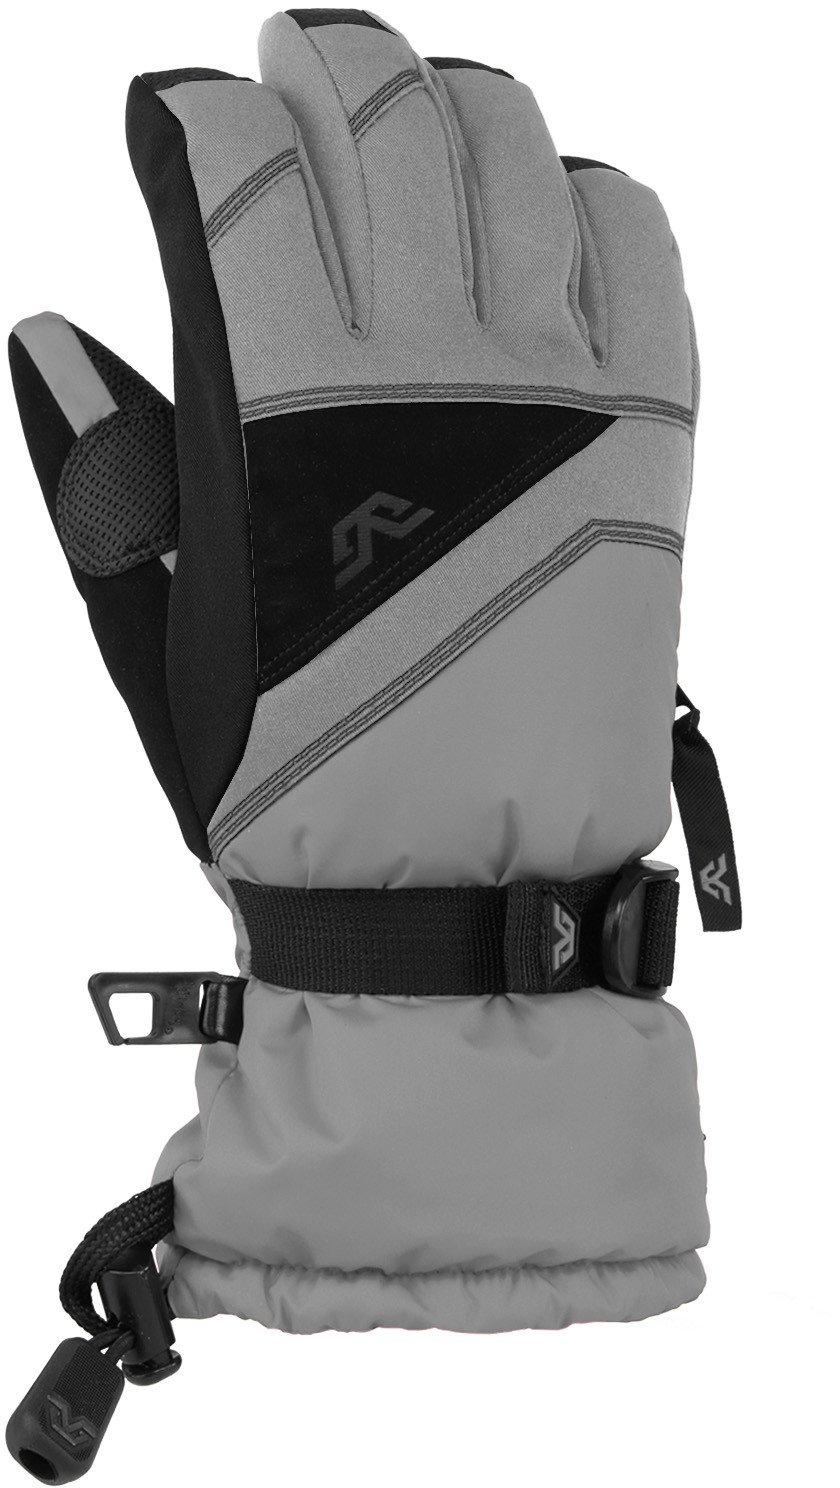 Gordini Juniors 2G2174 Stomp III Glove